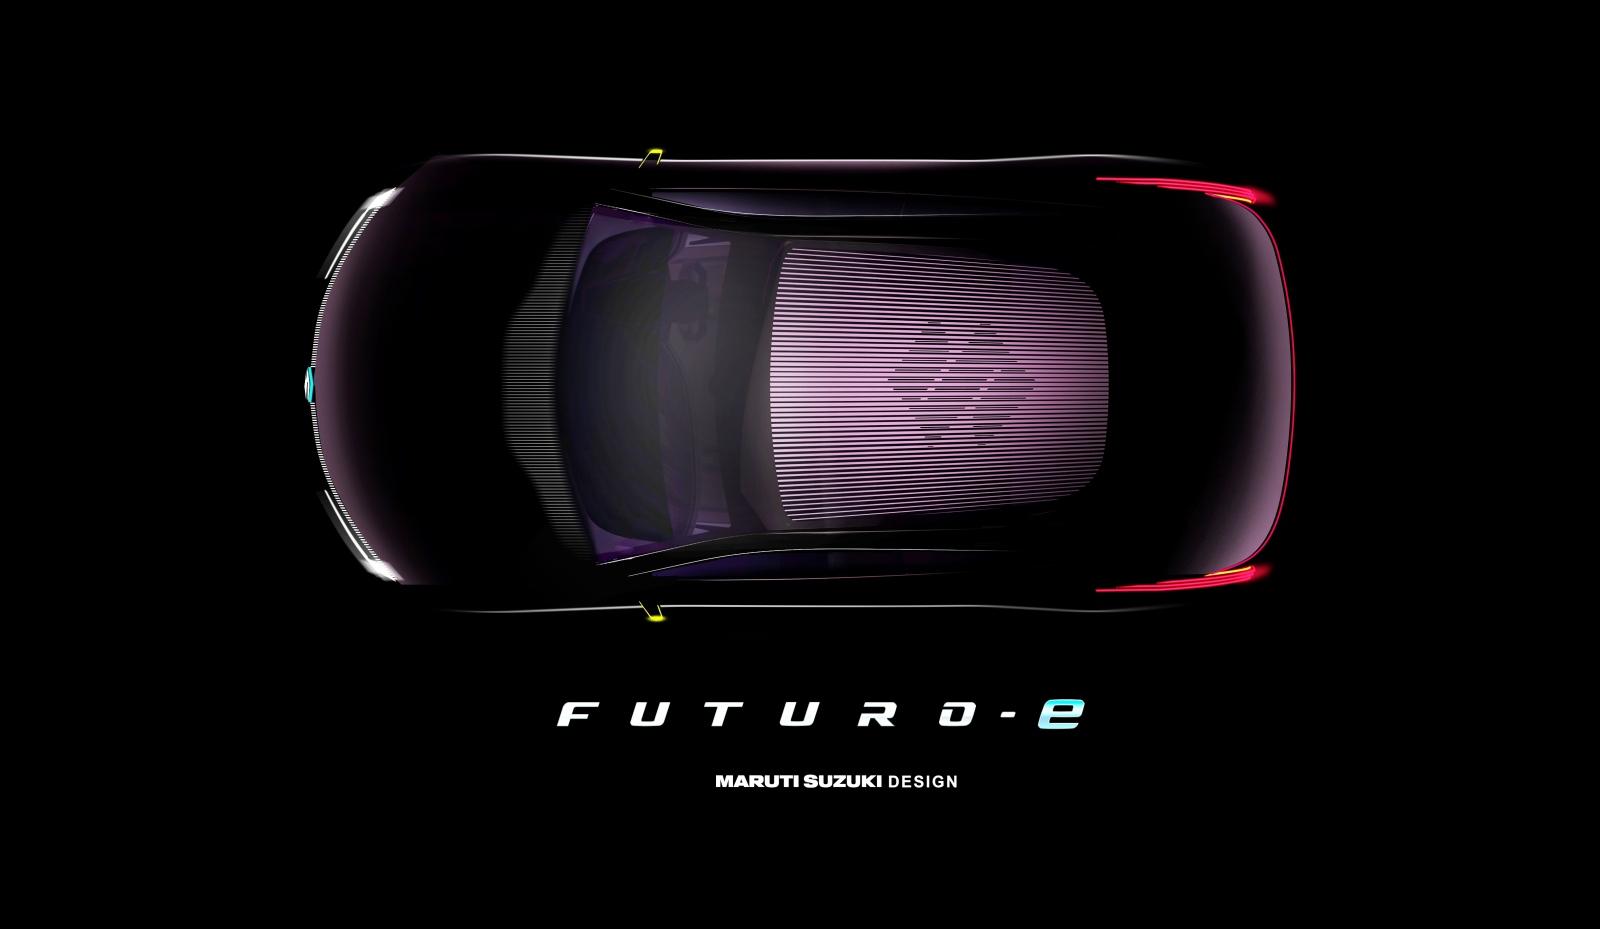 Suzuki Futuro-e Concept (2020) 5